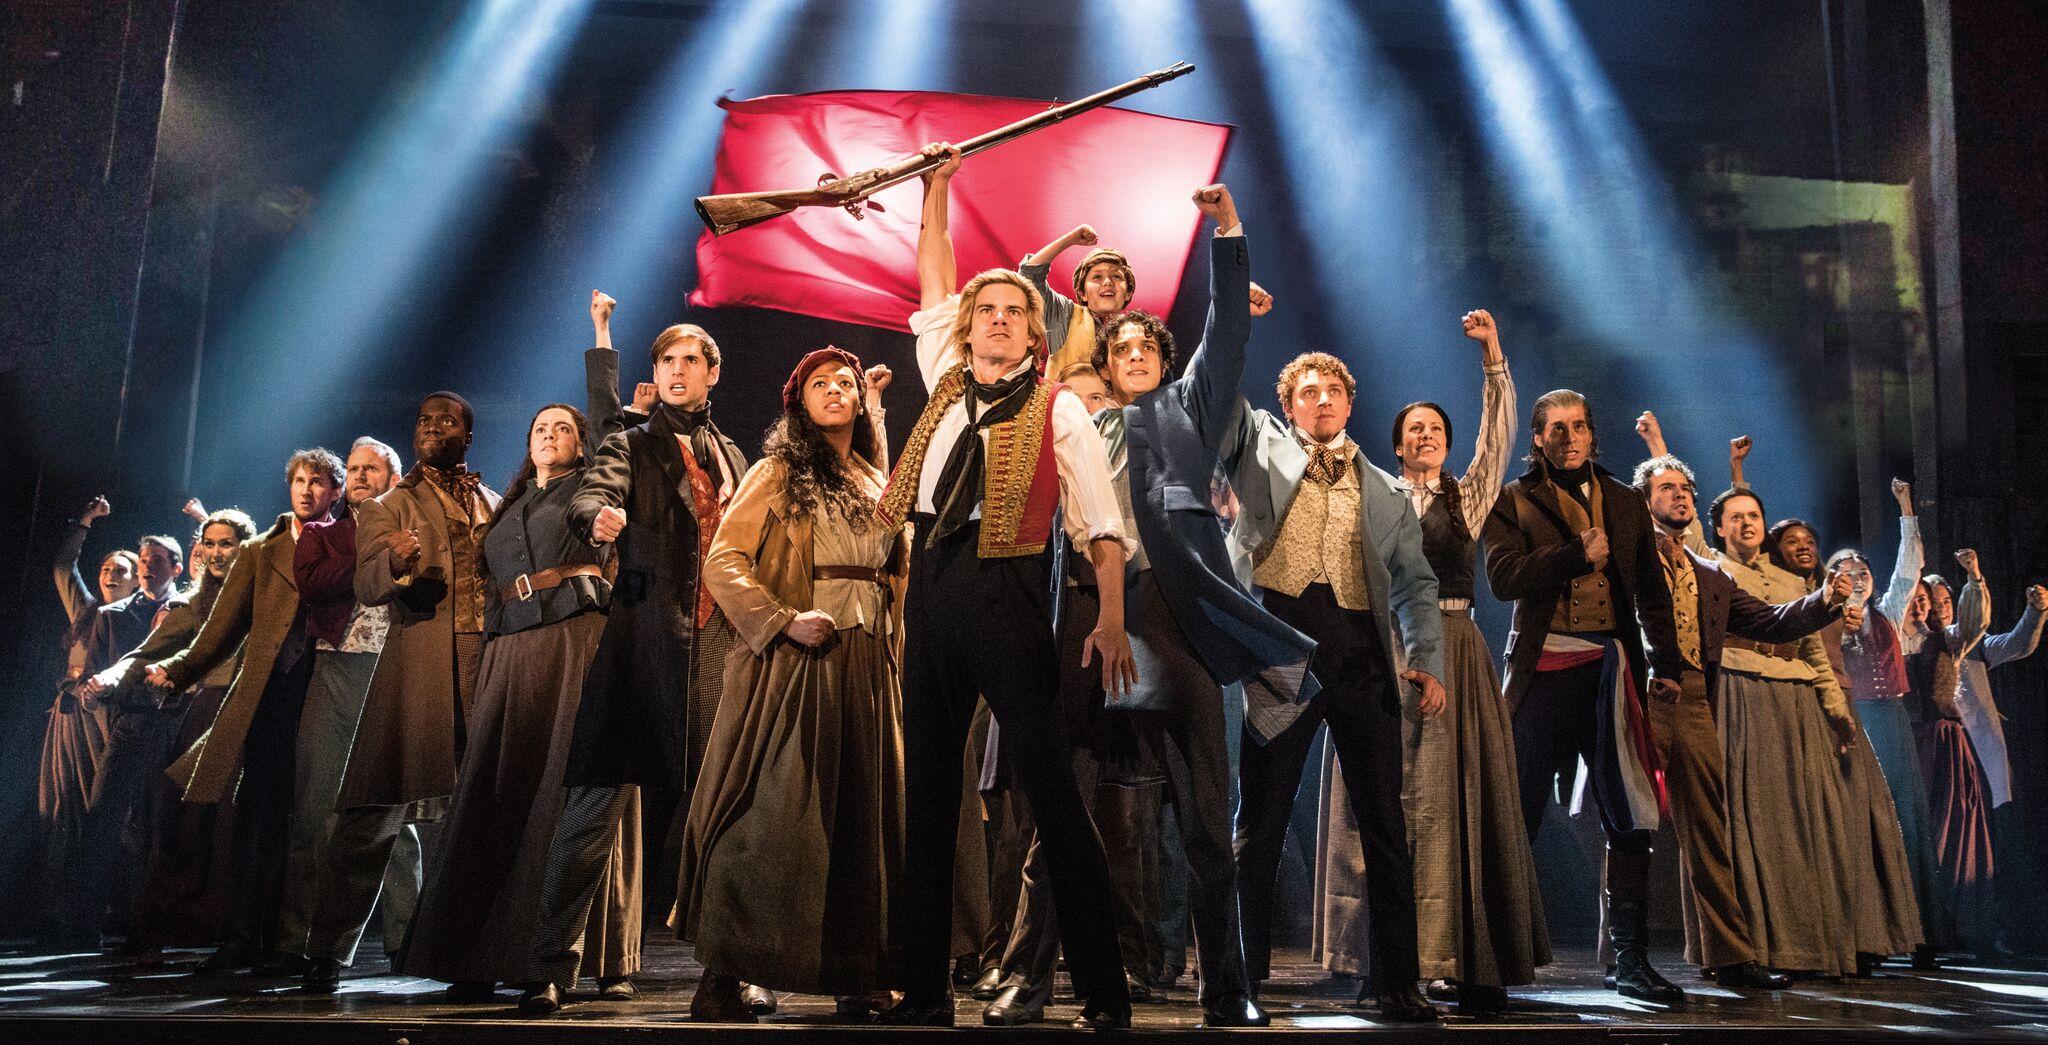 Les Misérables pour huit représentations à la Place des Arts